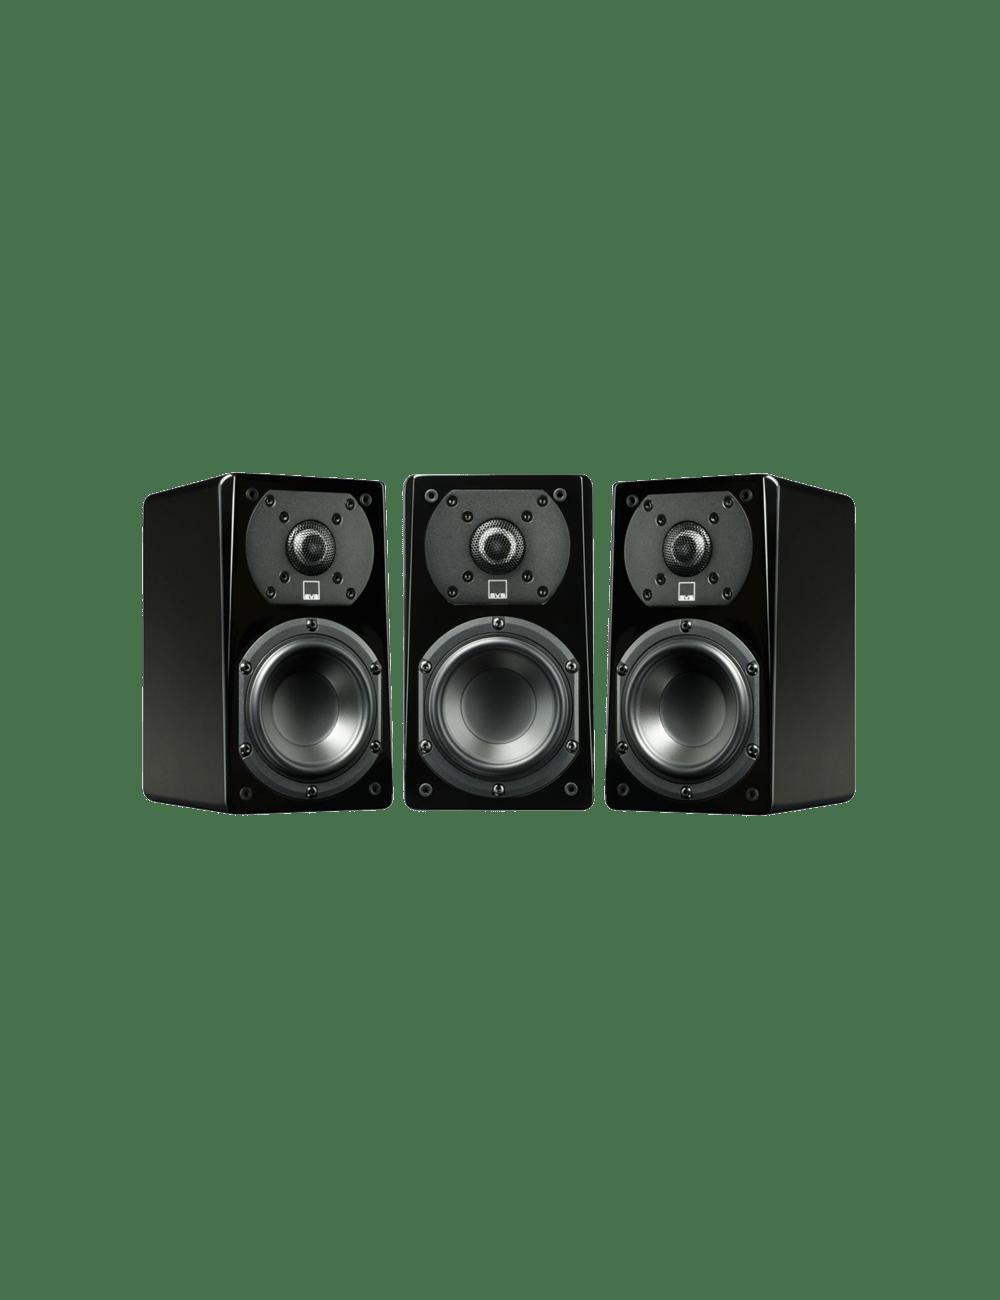 confezione da tre diffusori acustici da stand o da scaffale per hifi e home theater SVS Prime Satellite, finitura gloss black